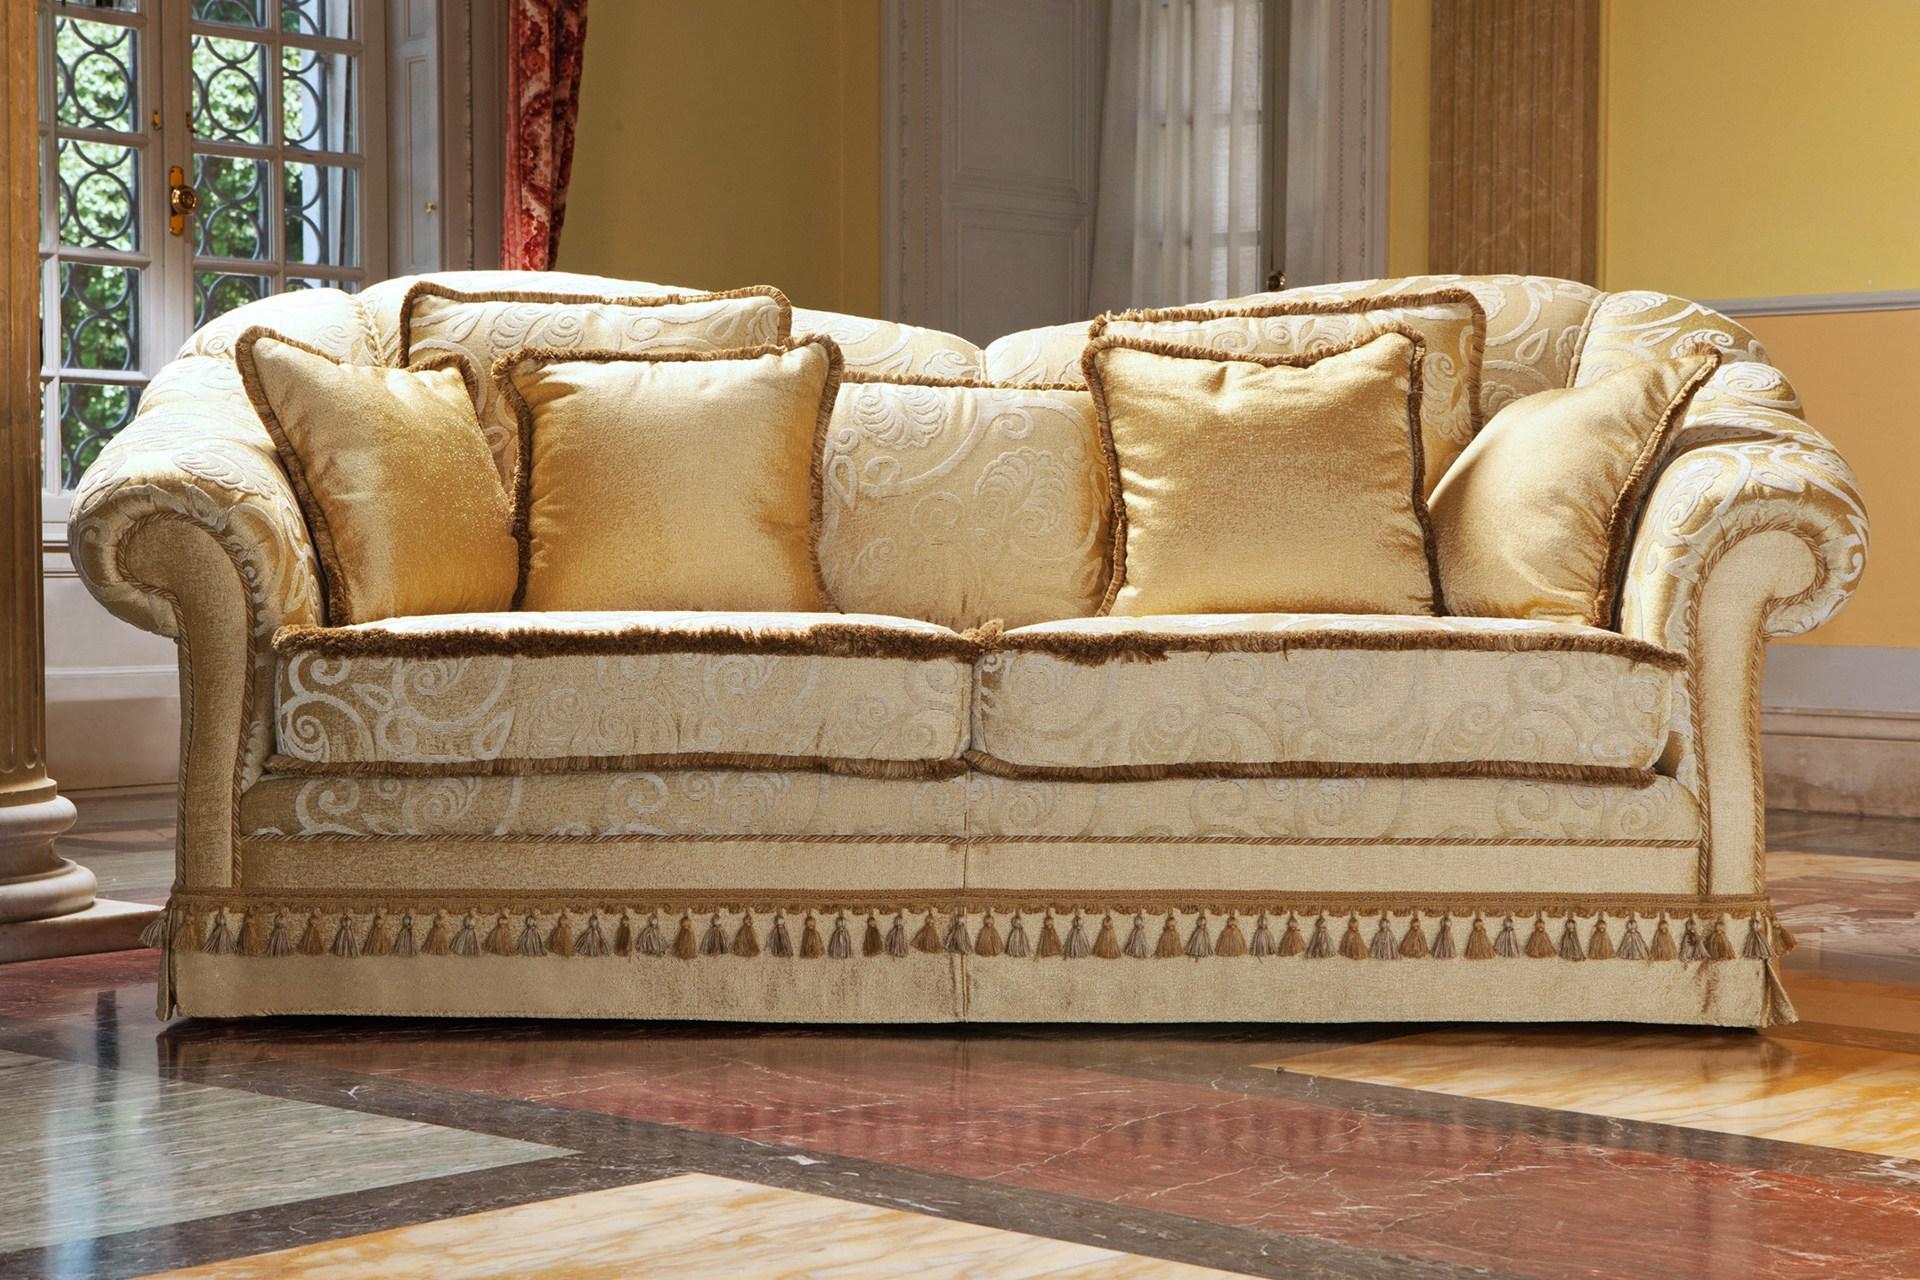 Классический диван с кисточками и бахромой